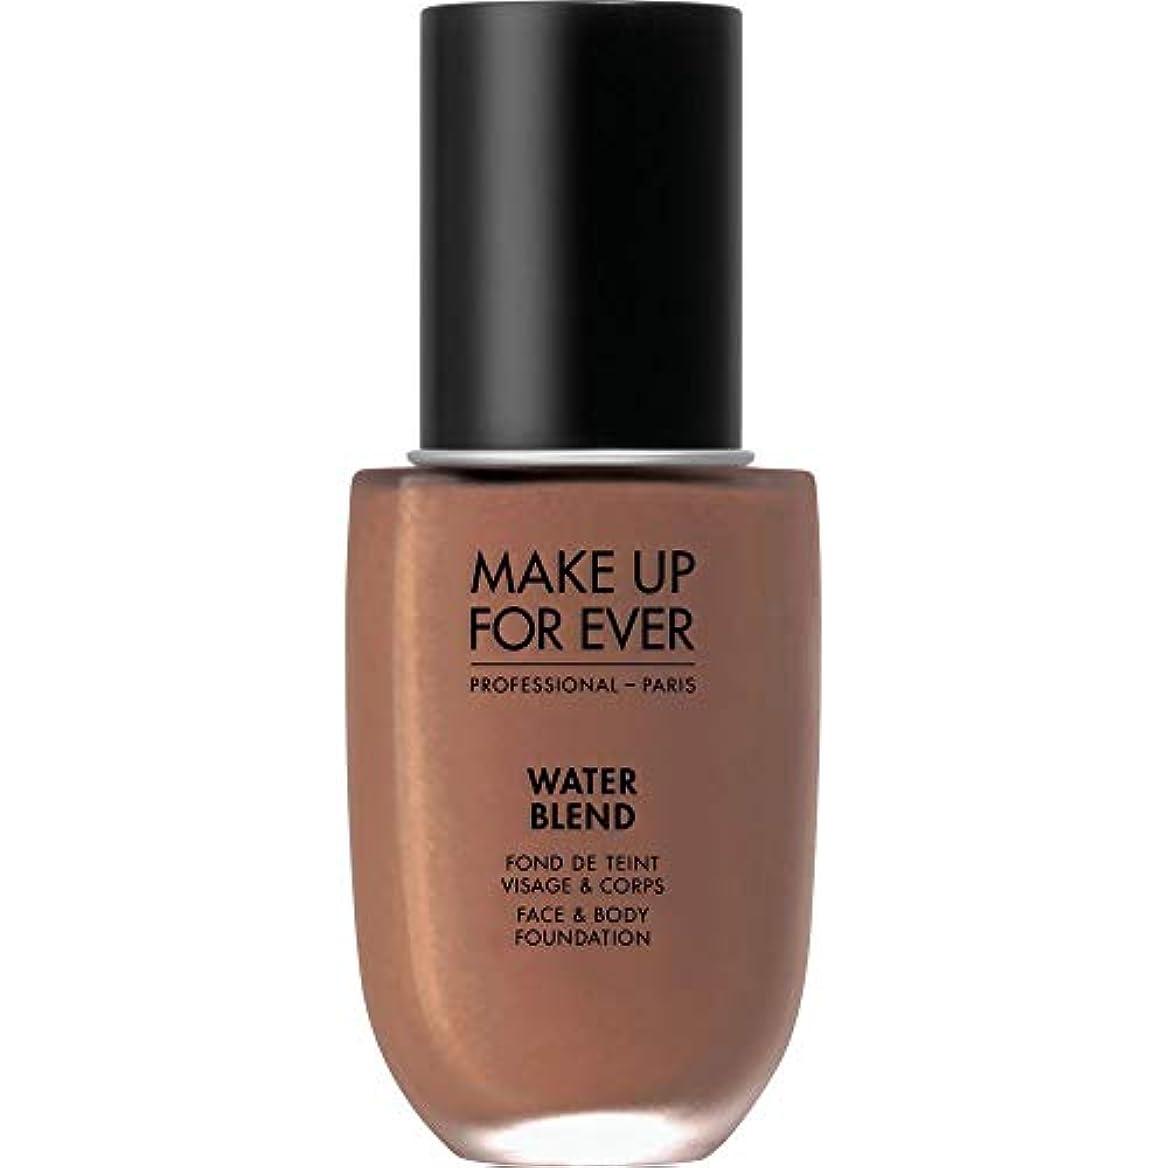 今後ピジン嬉しいです[MAKE UP FOR EVER ] これまでの水のブレンドを補う - フェイス&ボディ基礎50MlのR520 - シナモンを - MAKE UP FOR EVER Water Blend - Face & Body...